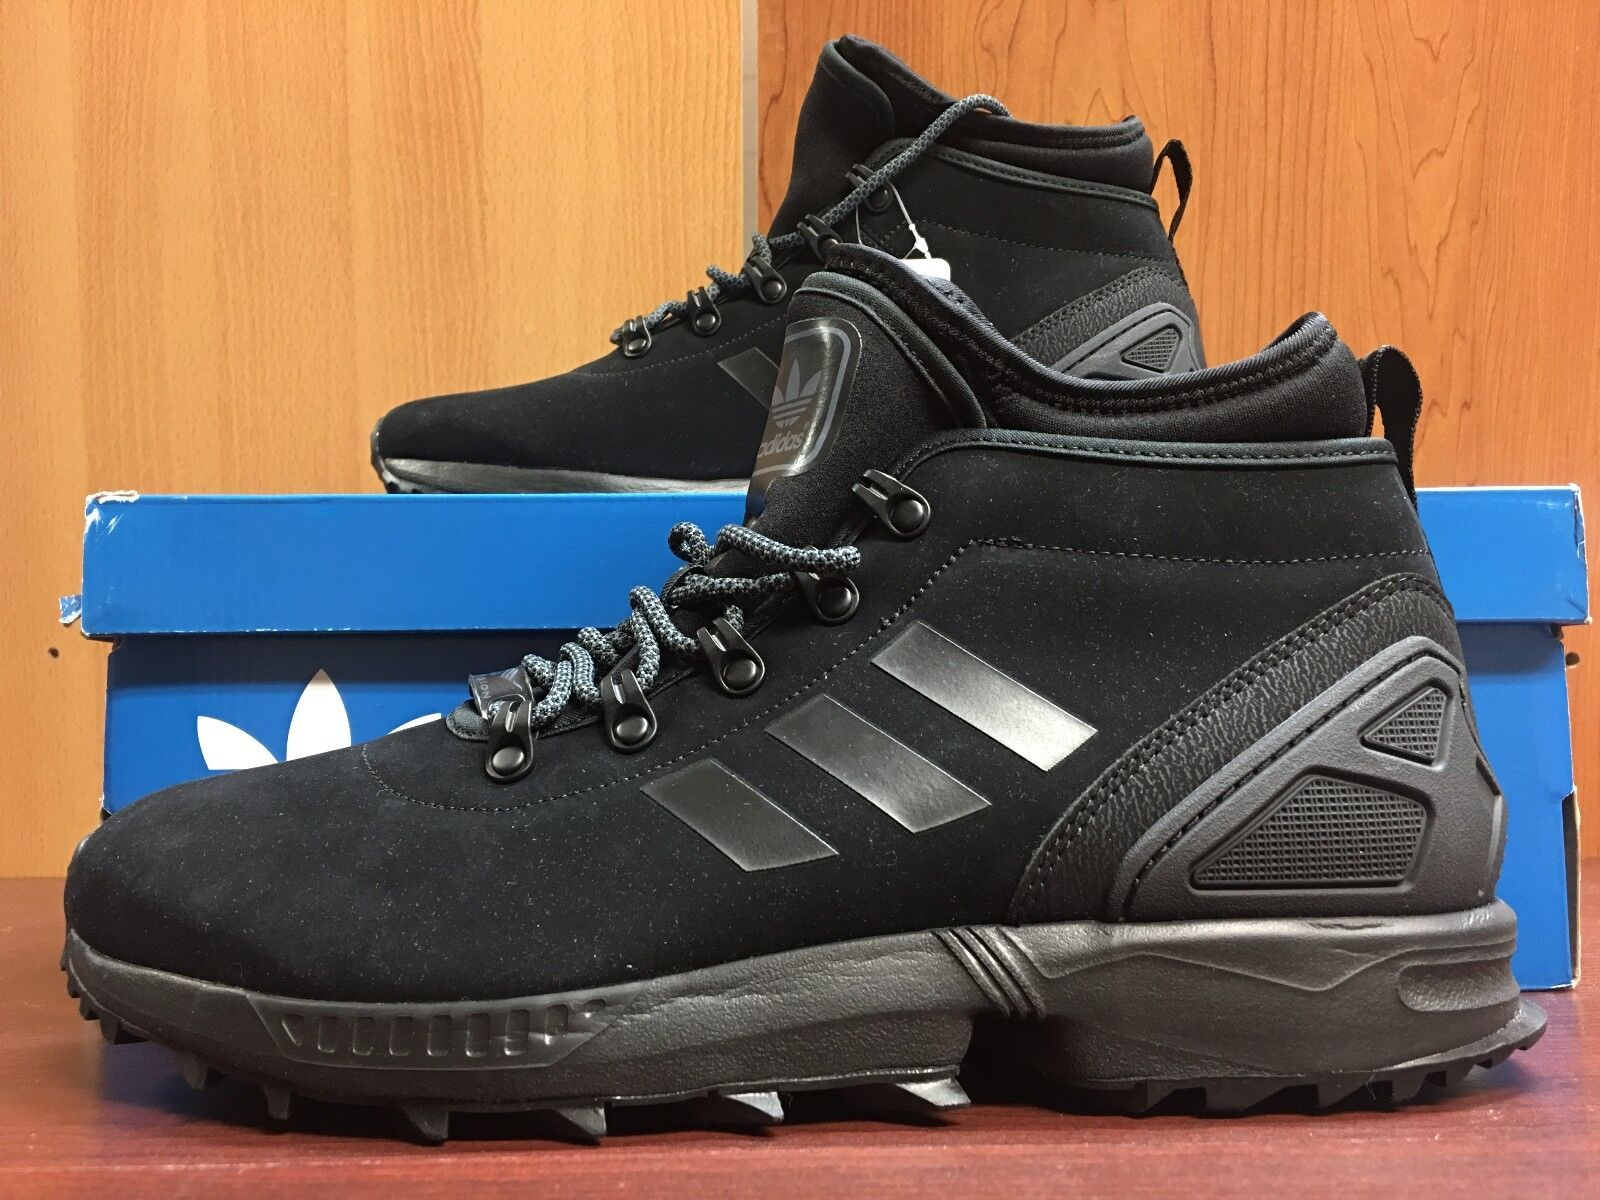 Adidas zx flujo botas de invierno para los hombres original de negro con caja original hombres de reducción de precio 7b731b